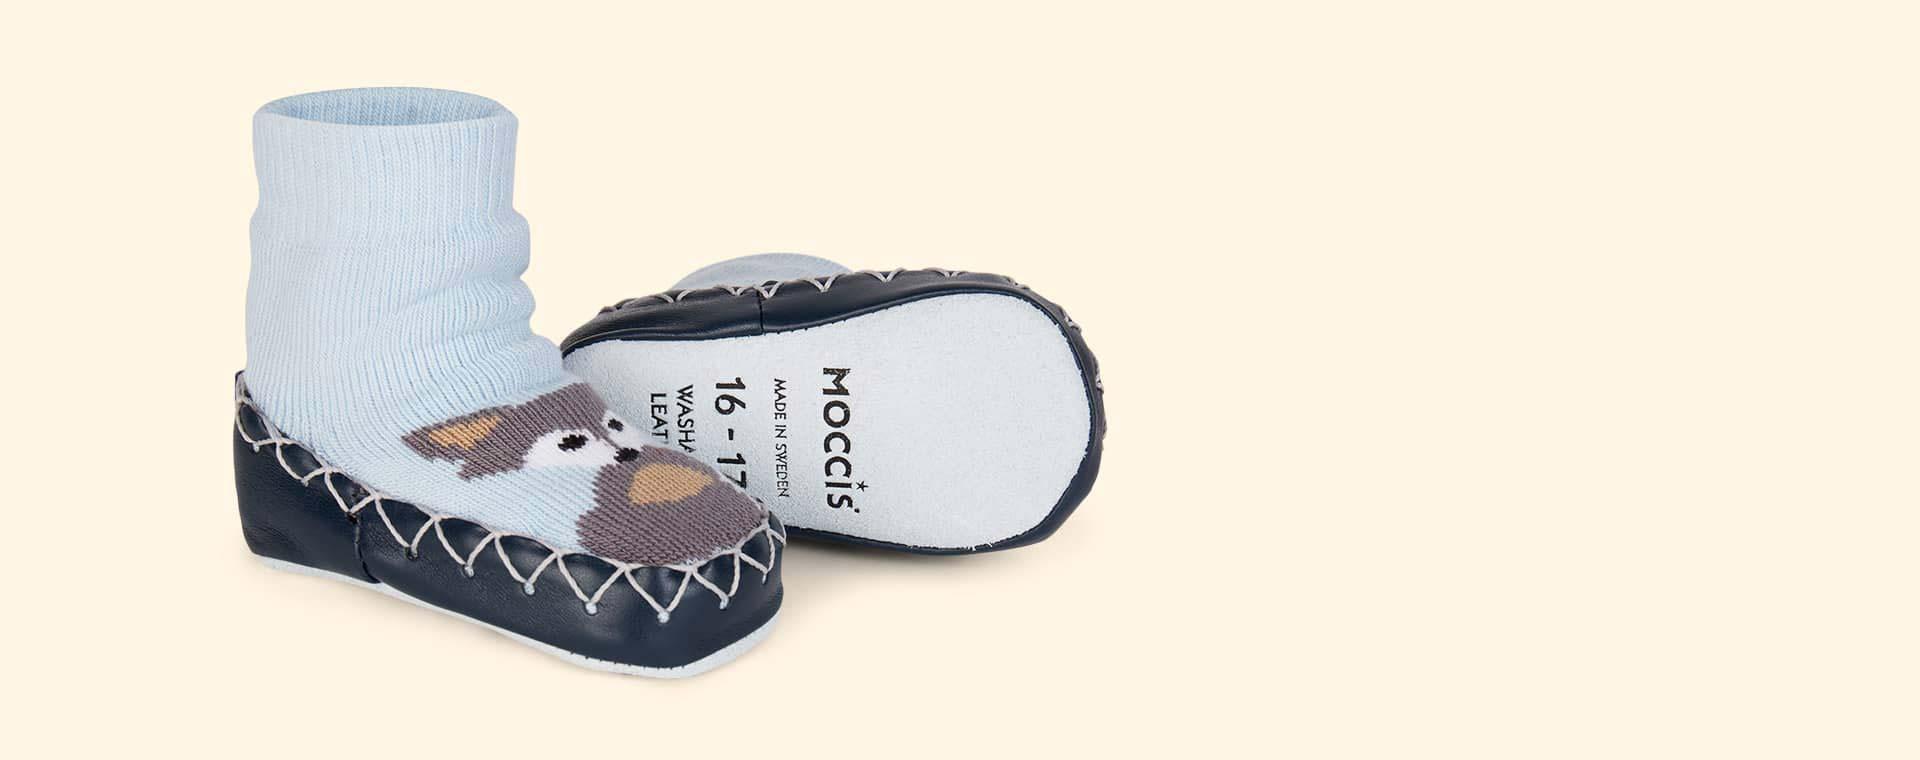 Wolfie Moccis Moccasin Slipper Socks